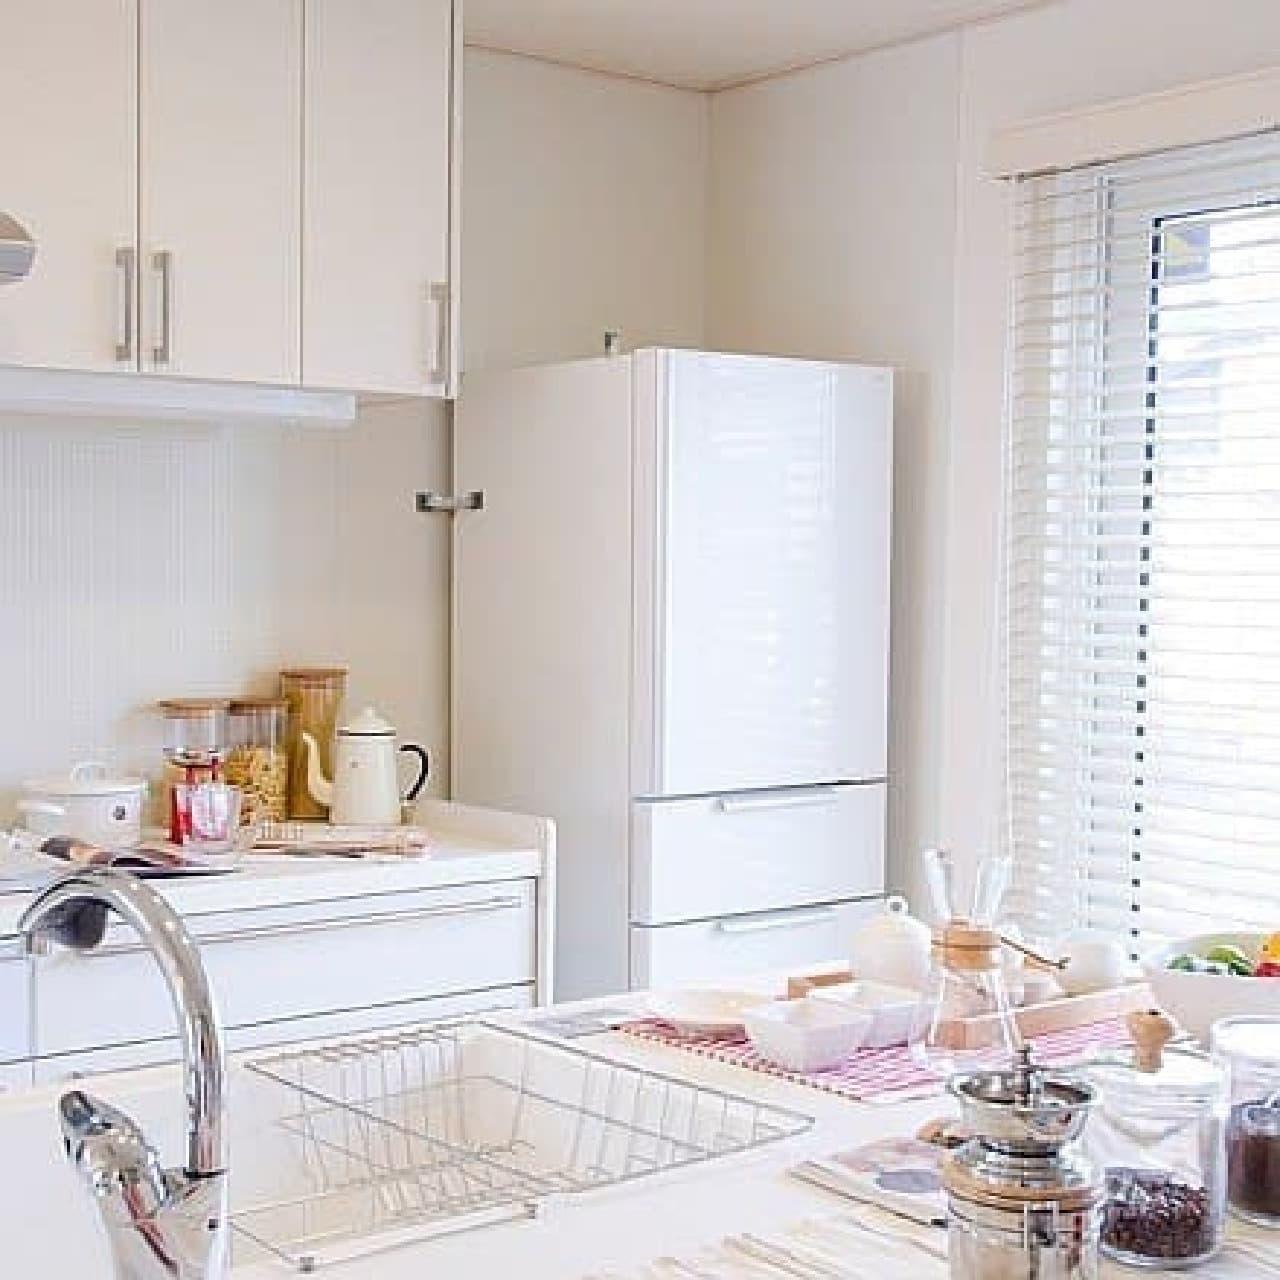 冷蔵庫用地震対策ベルト「200-QL009」